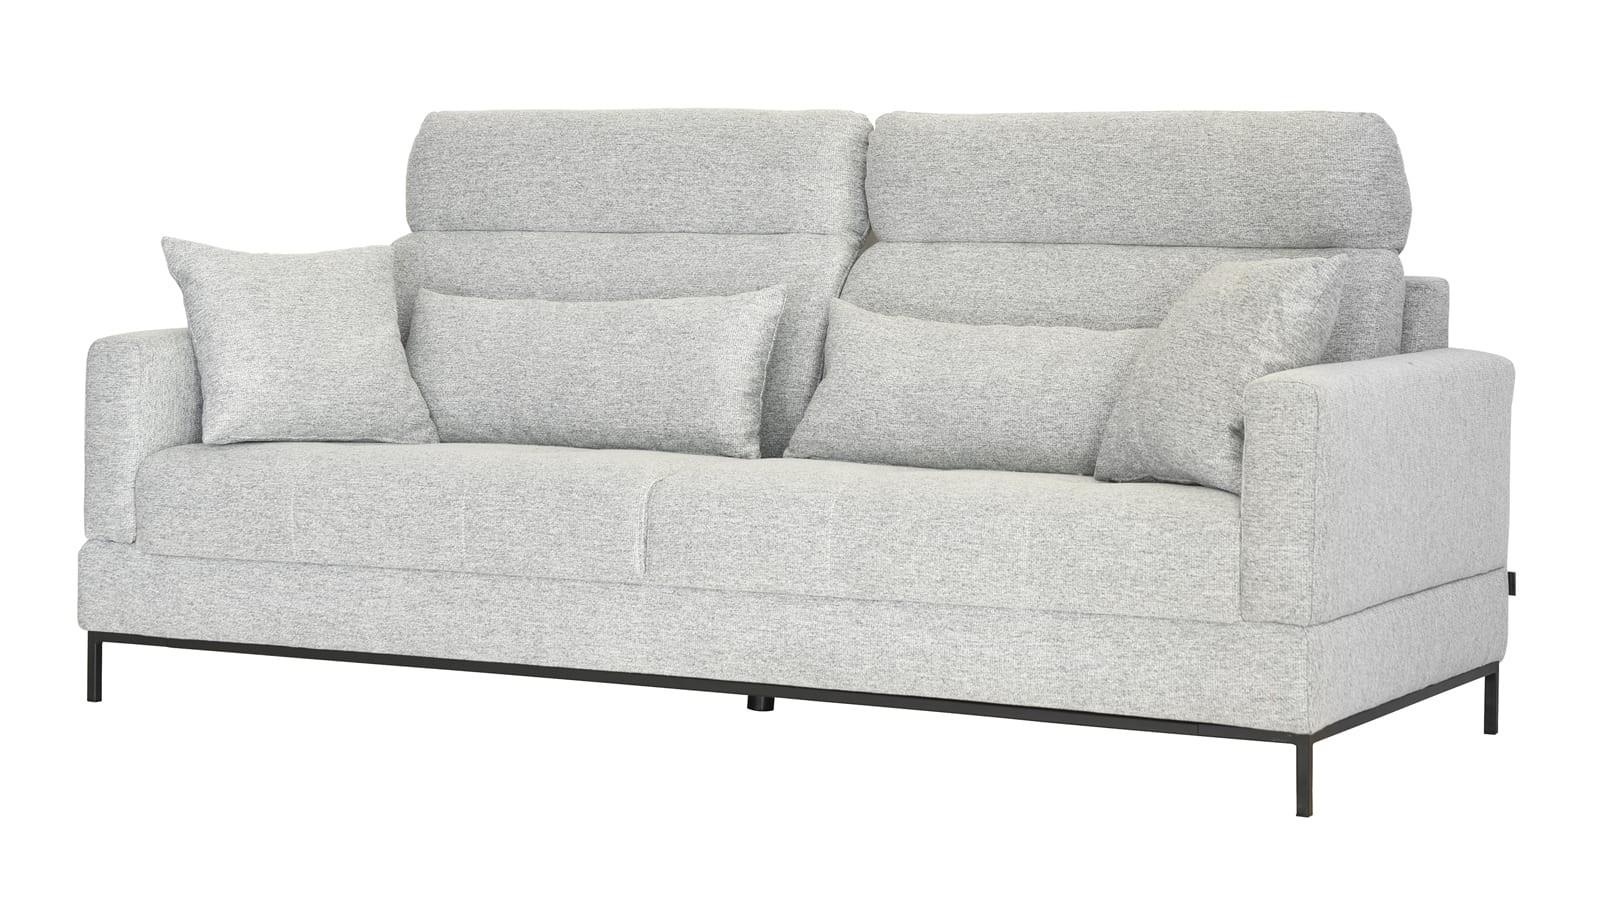 Canapé 3 places avec têtières en tissu gris clair